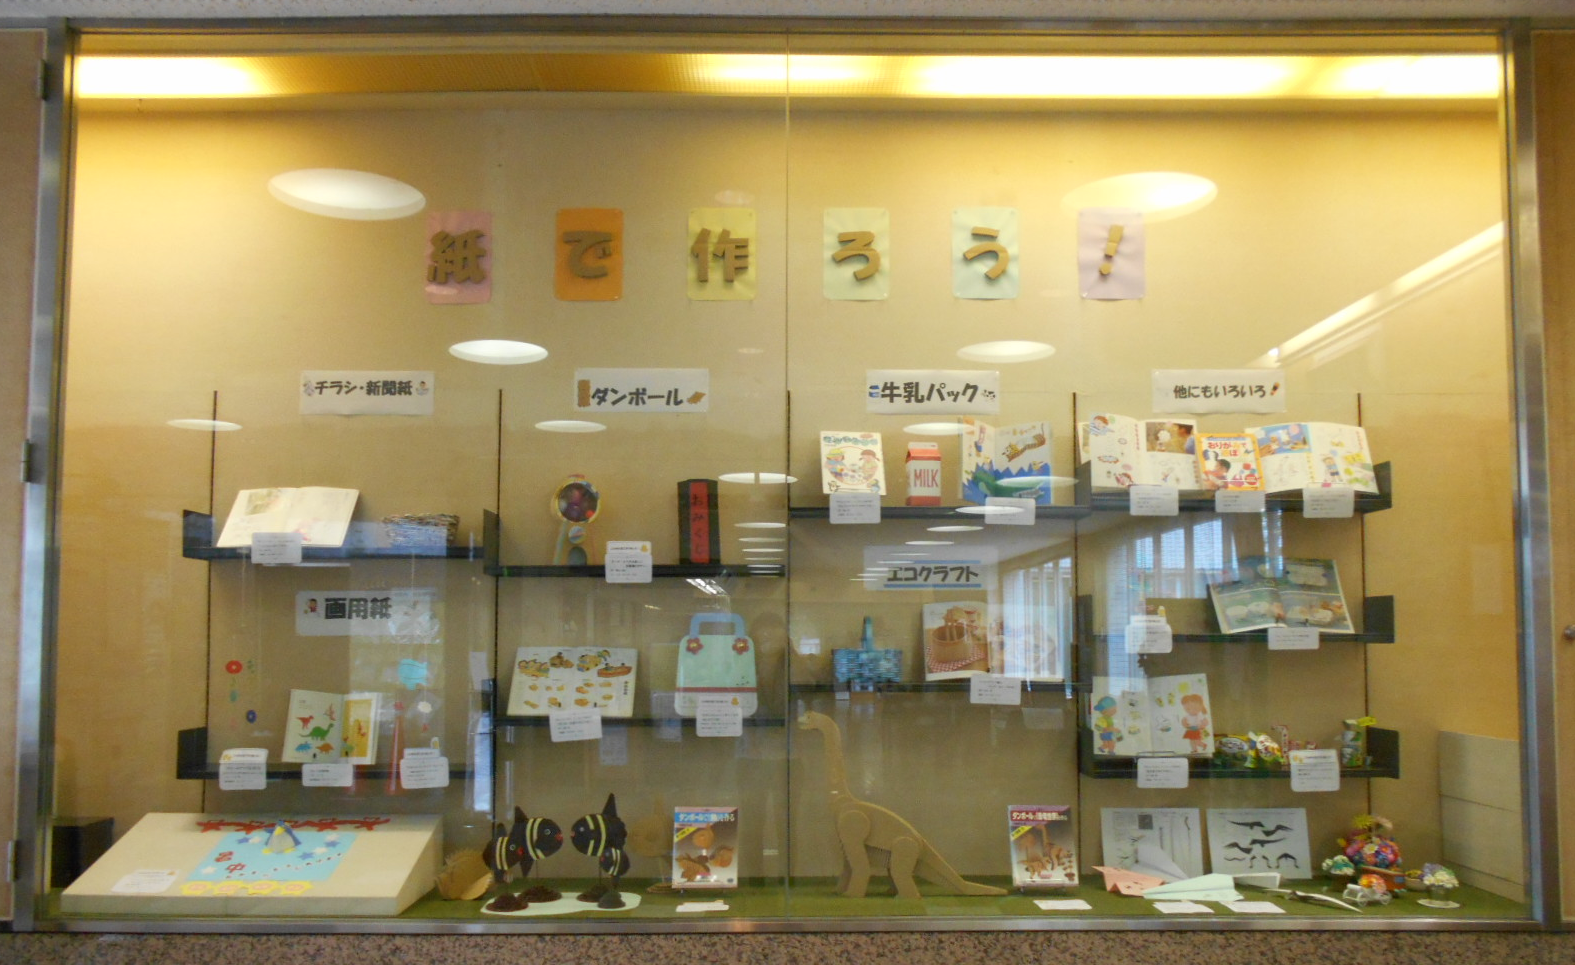 中央図書館6月から7月のラウンジ展示「紙で作ろう!」の展示の様子